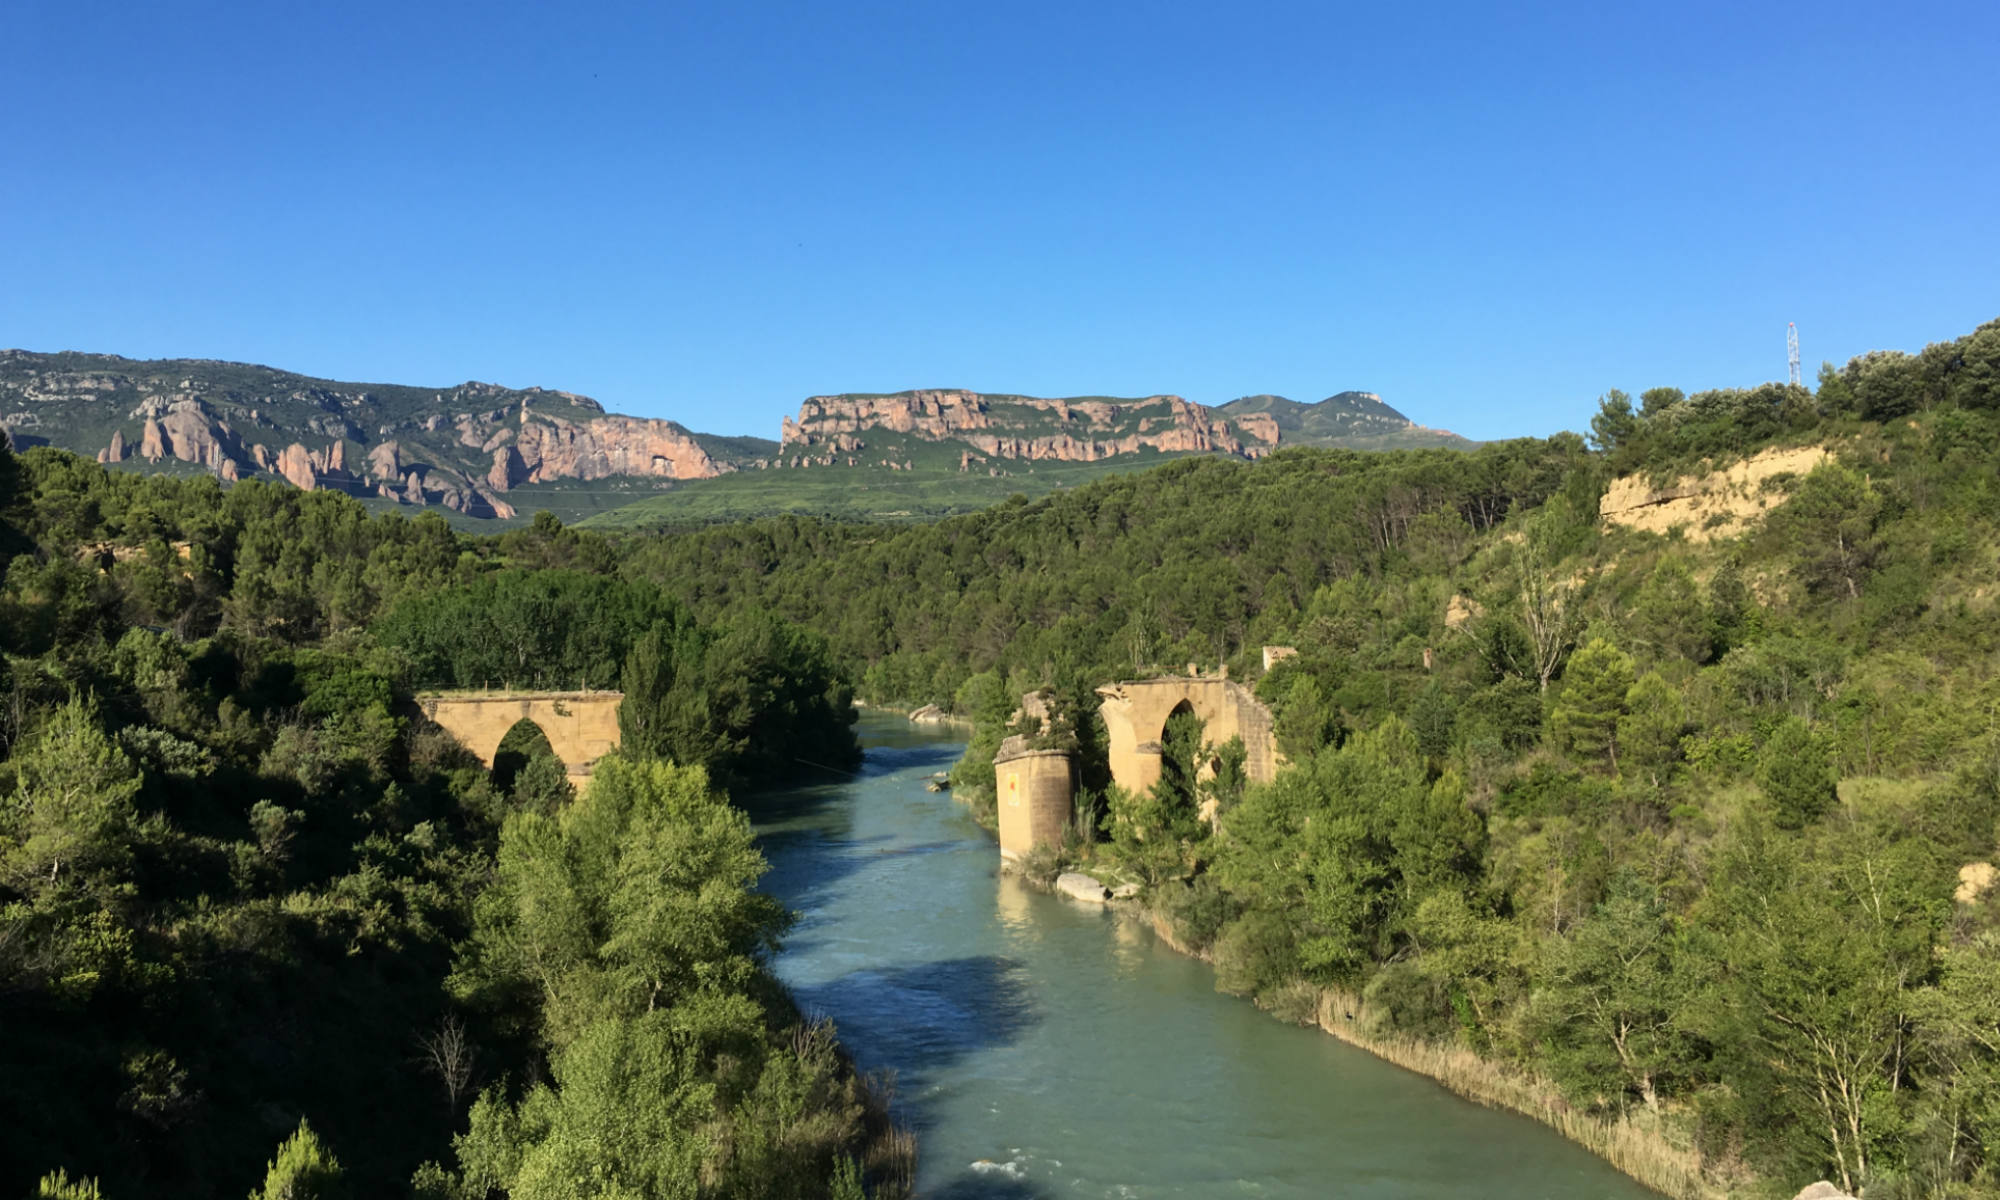 Le río Gallego en Aragon.